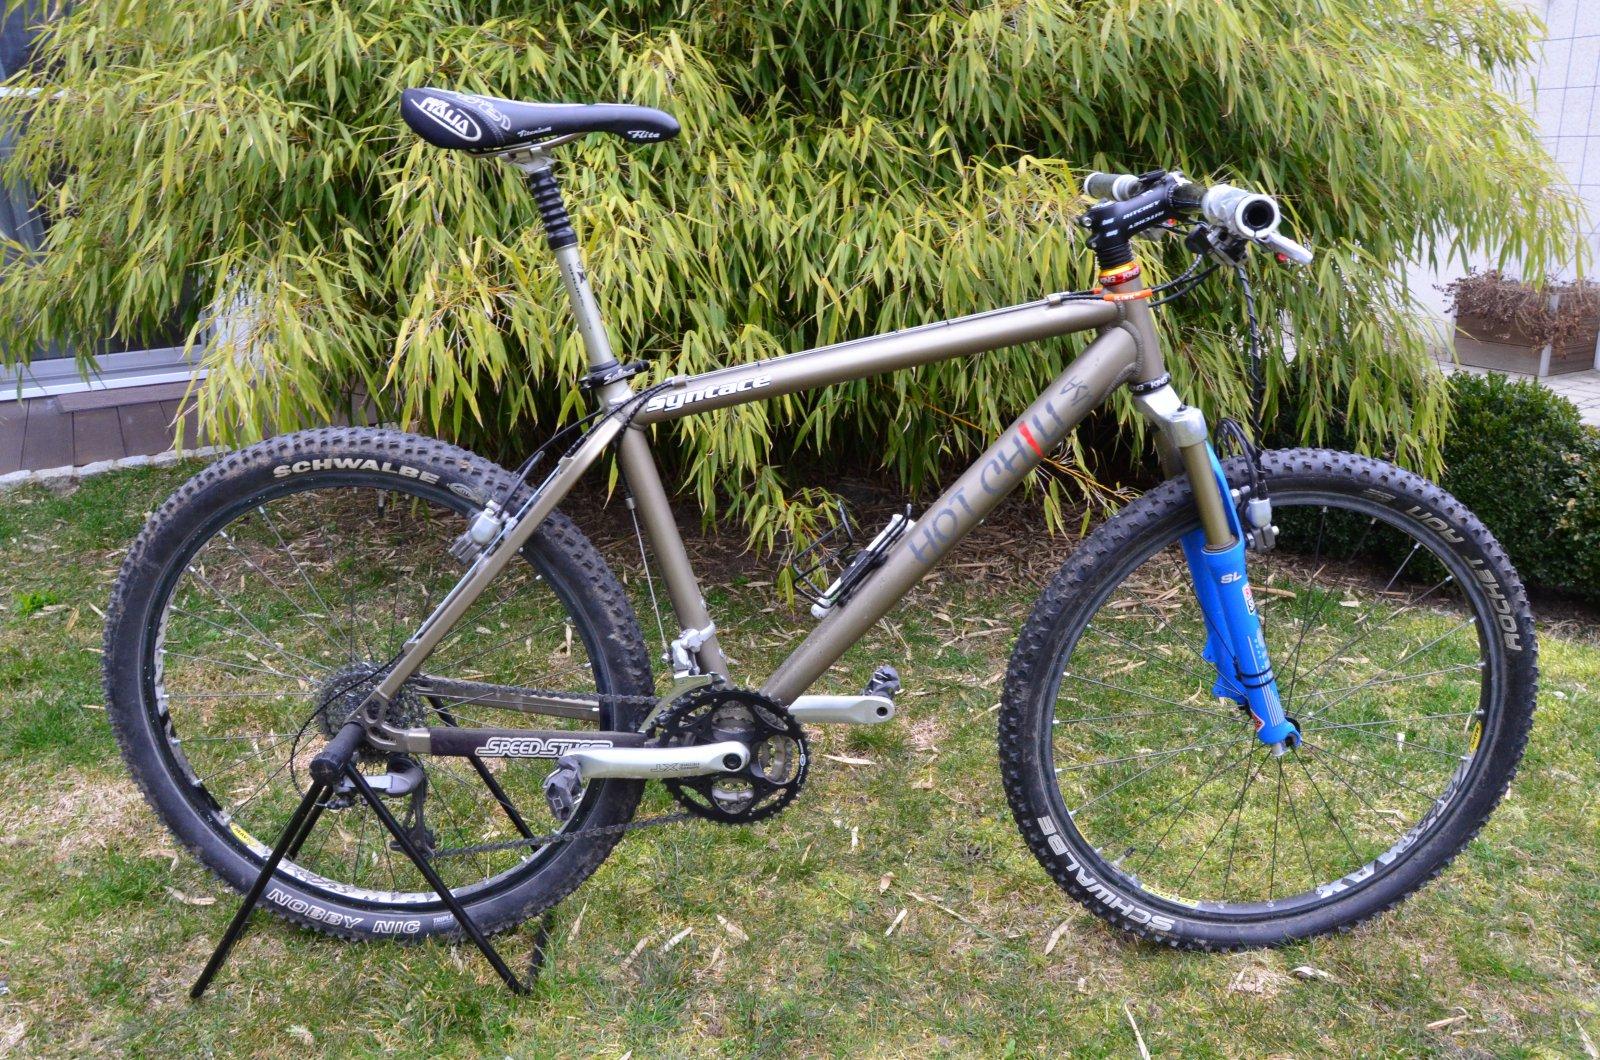 1764310-8tivzpteido5-fahrrder003-original.jpg